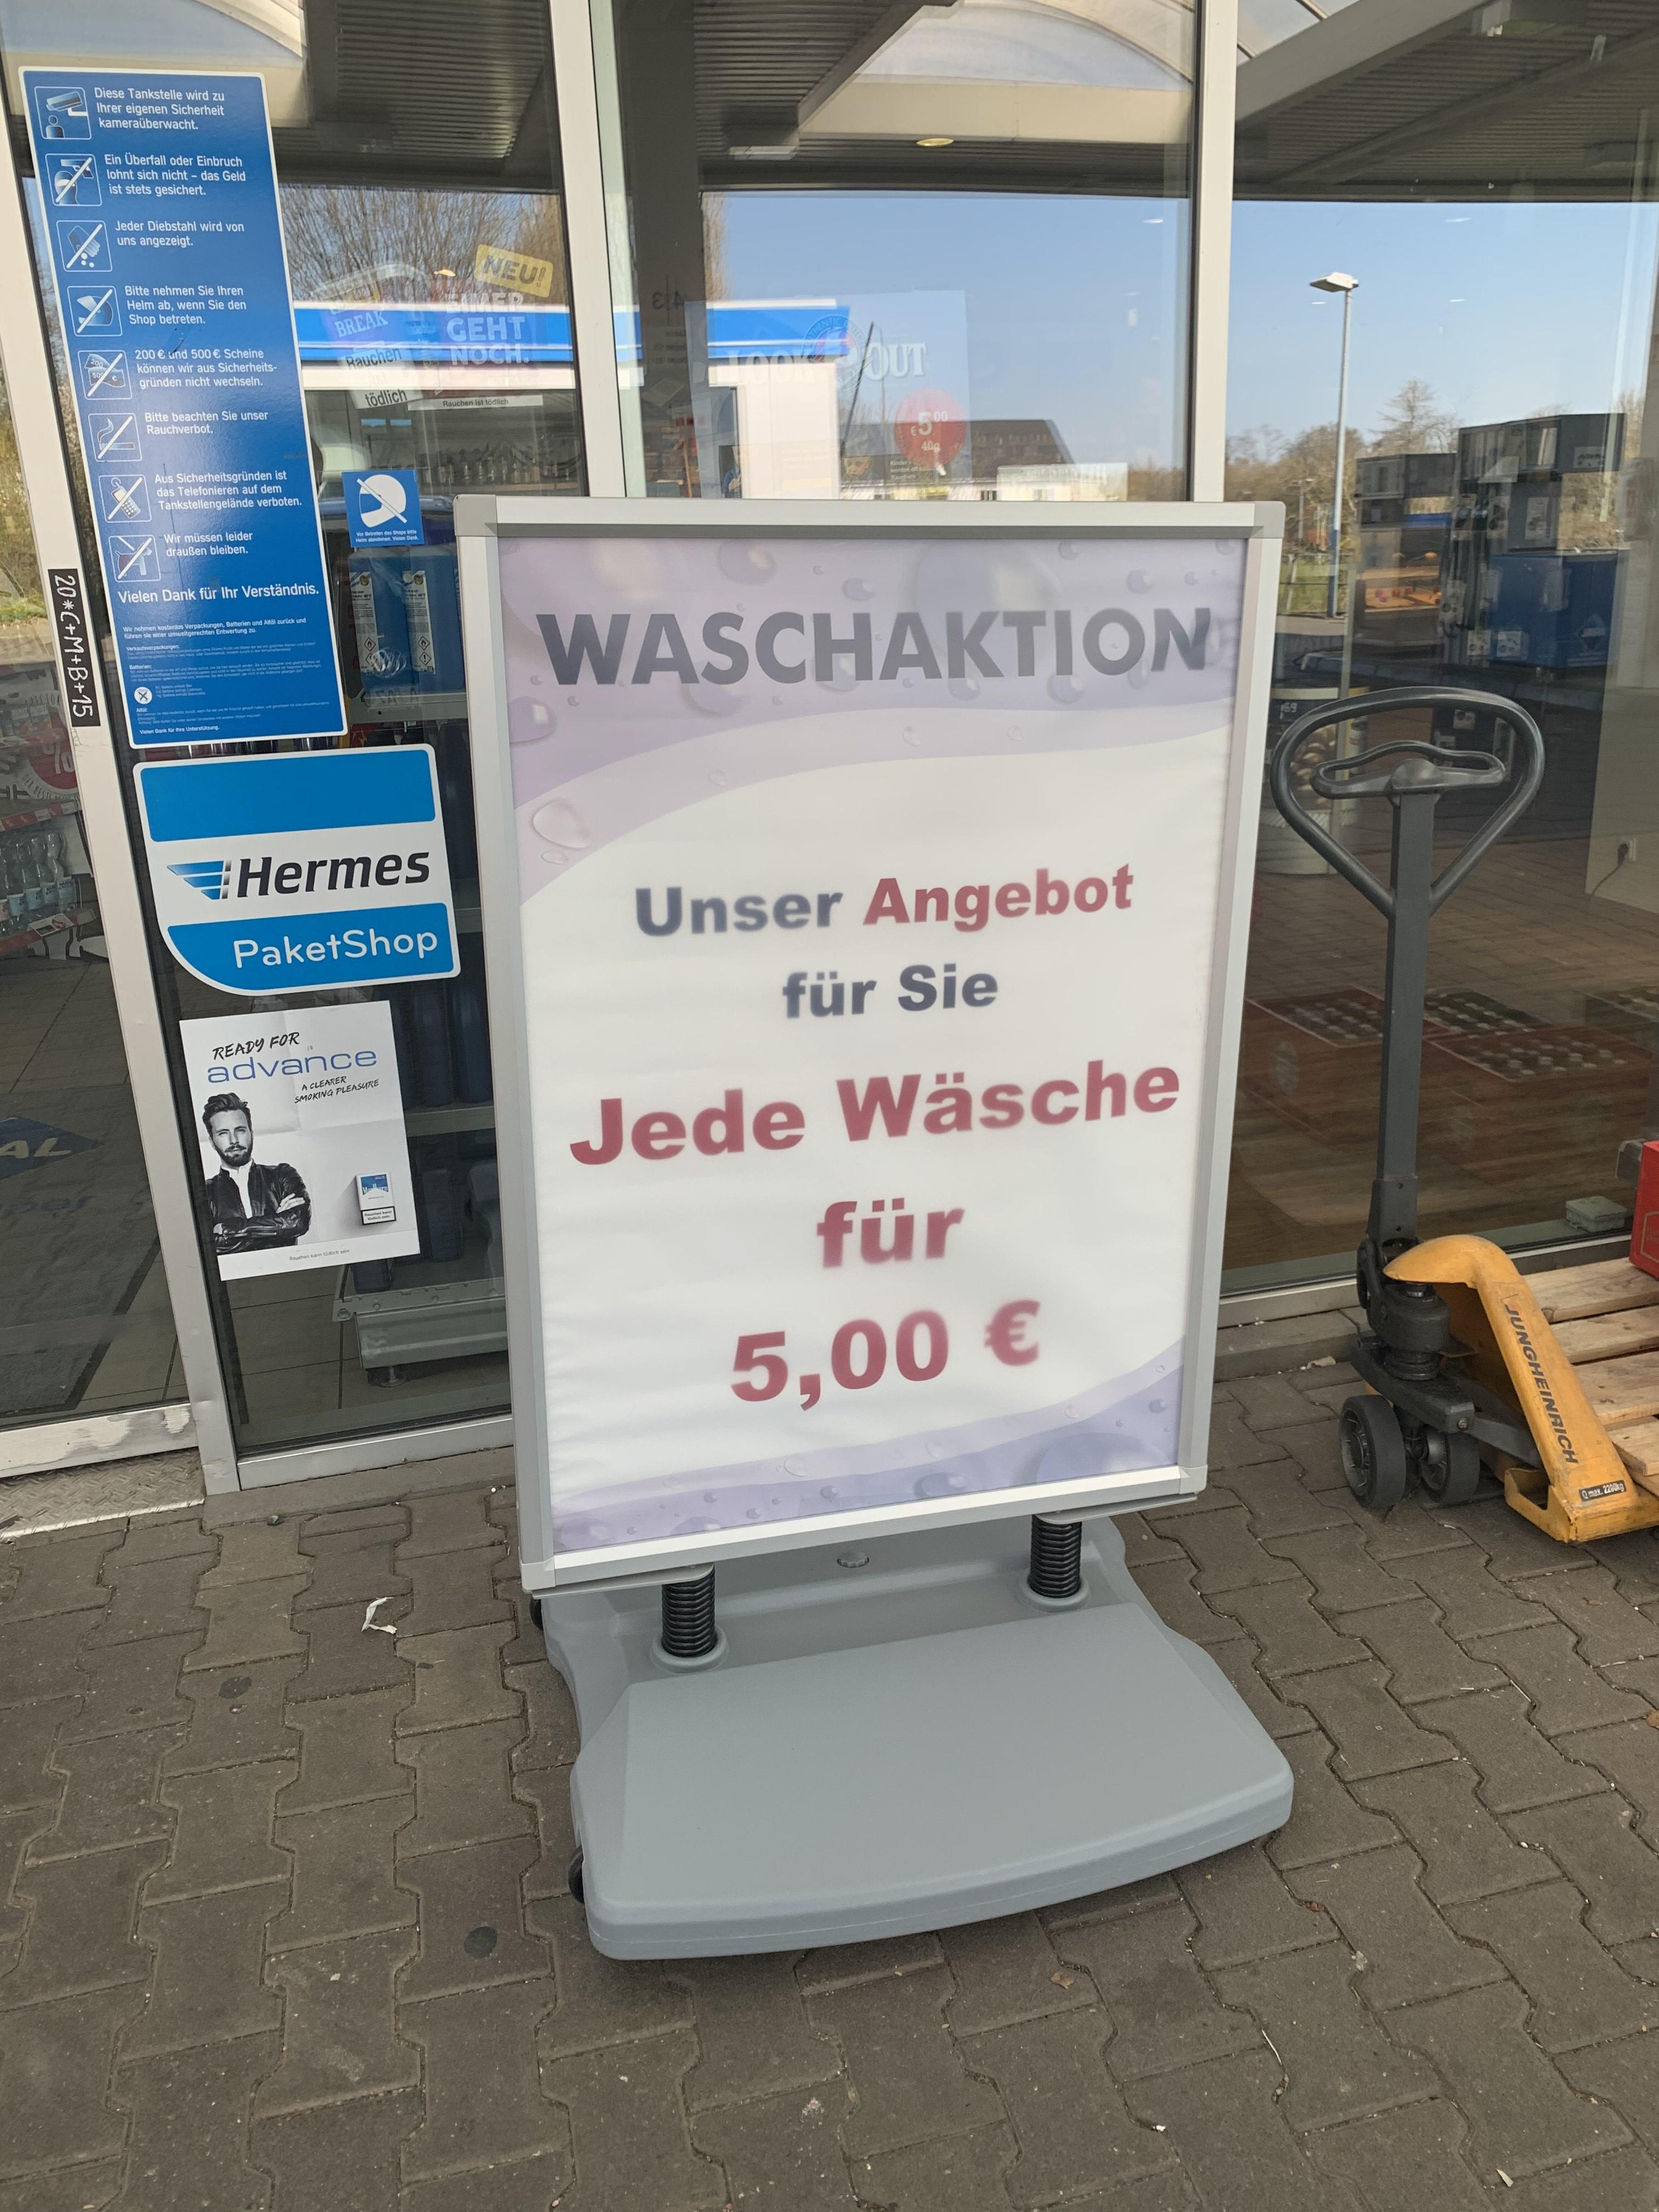 [Lokal] 52249 Eschweiler - Aral Waschaktion